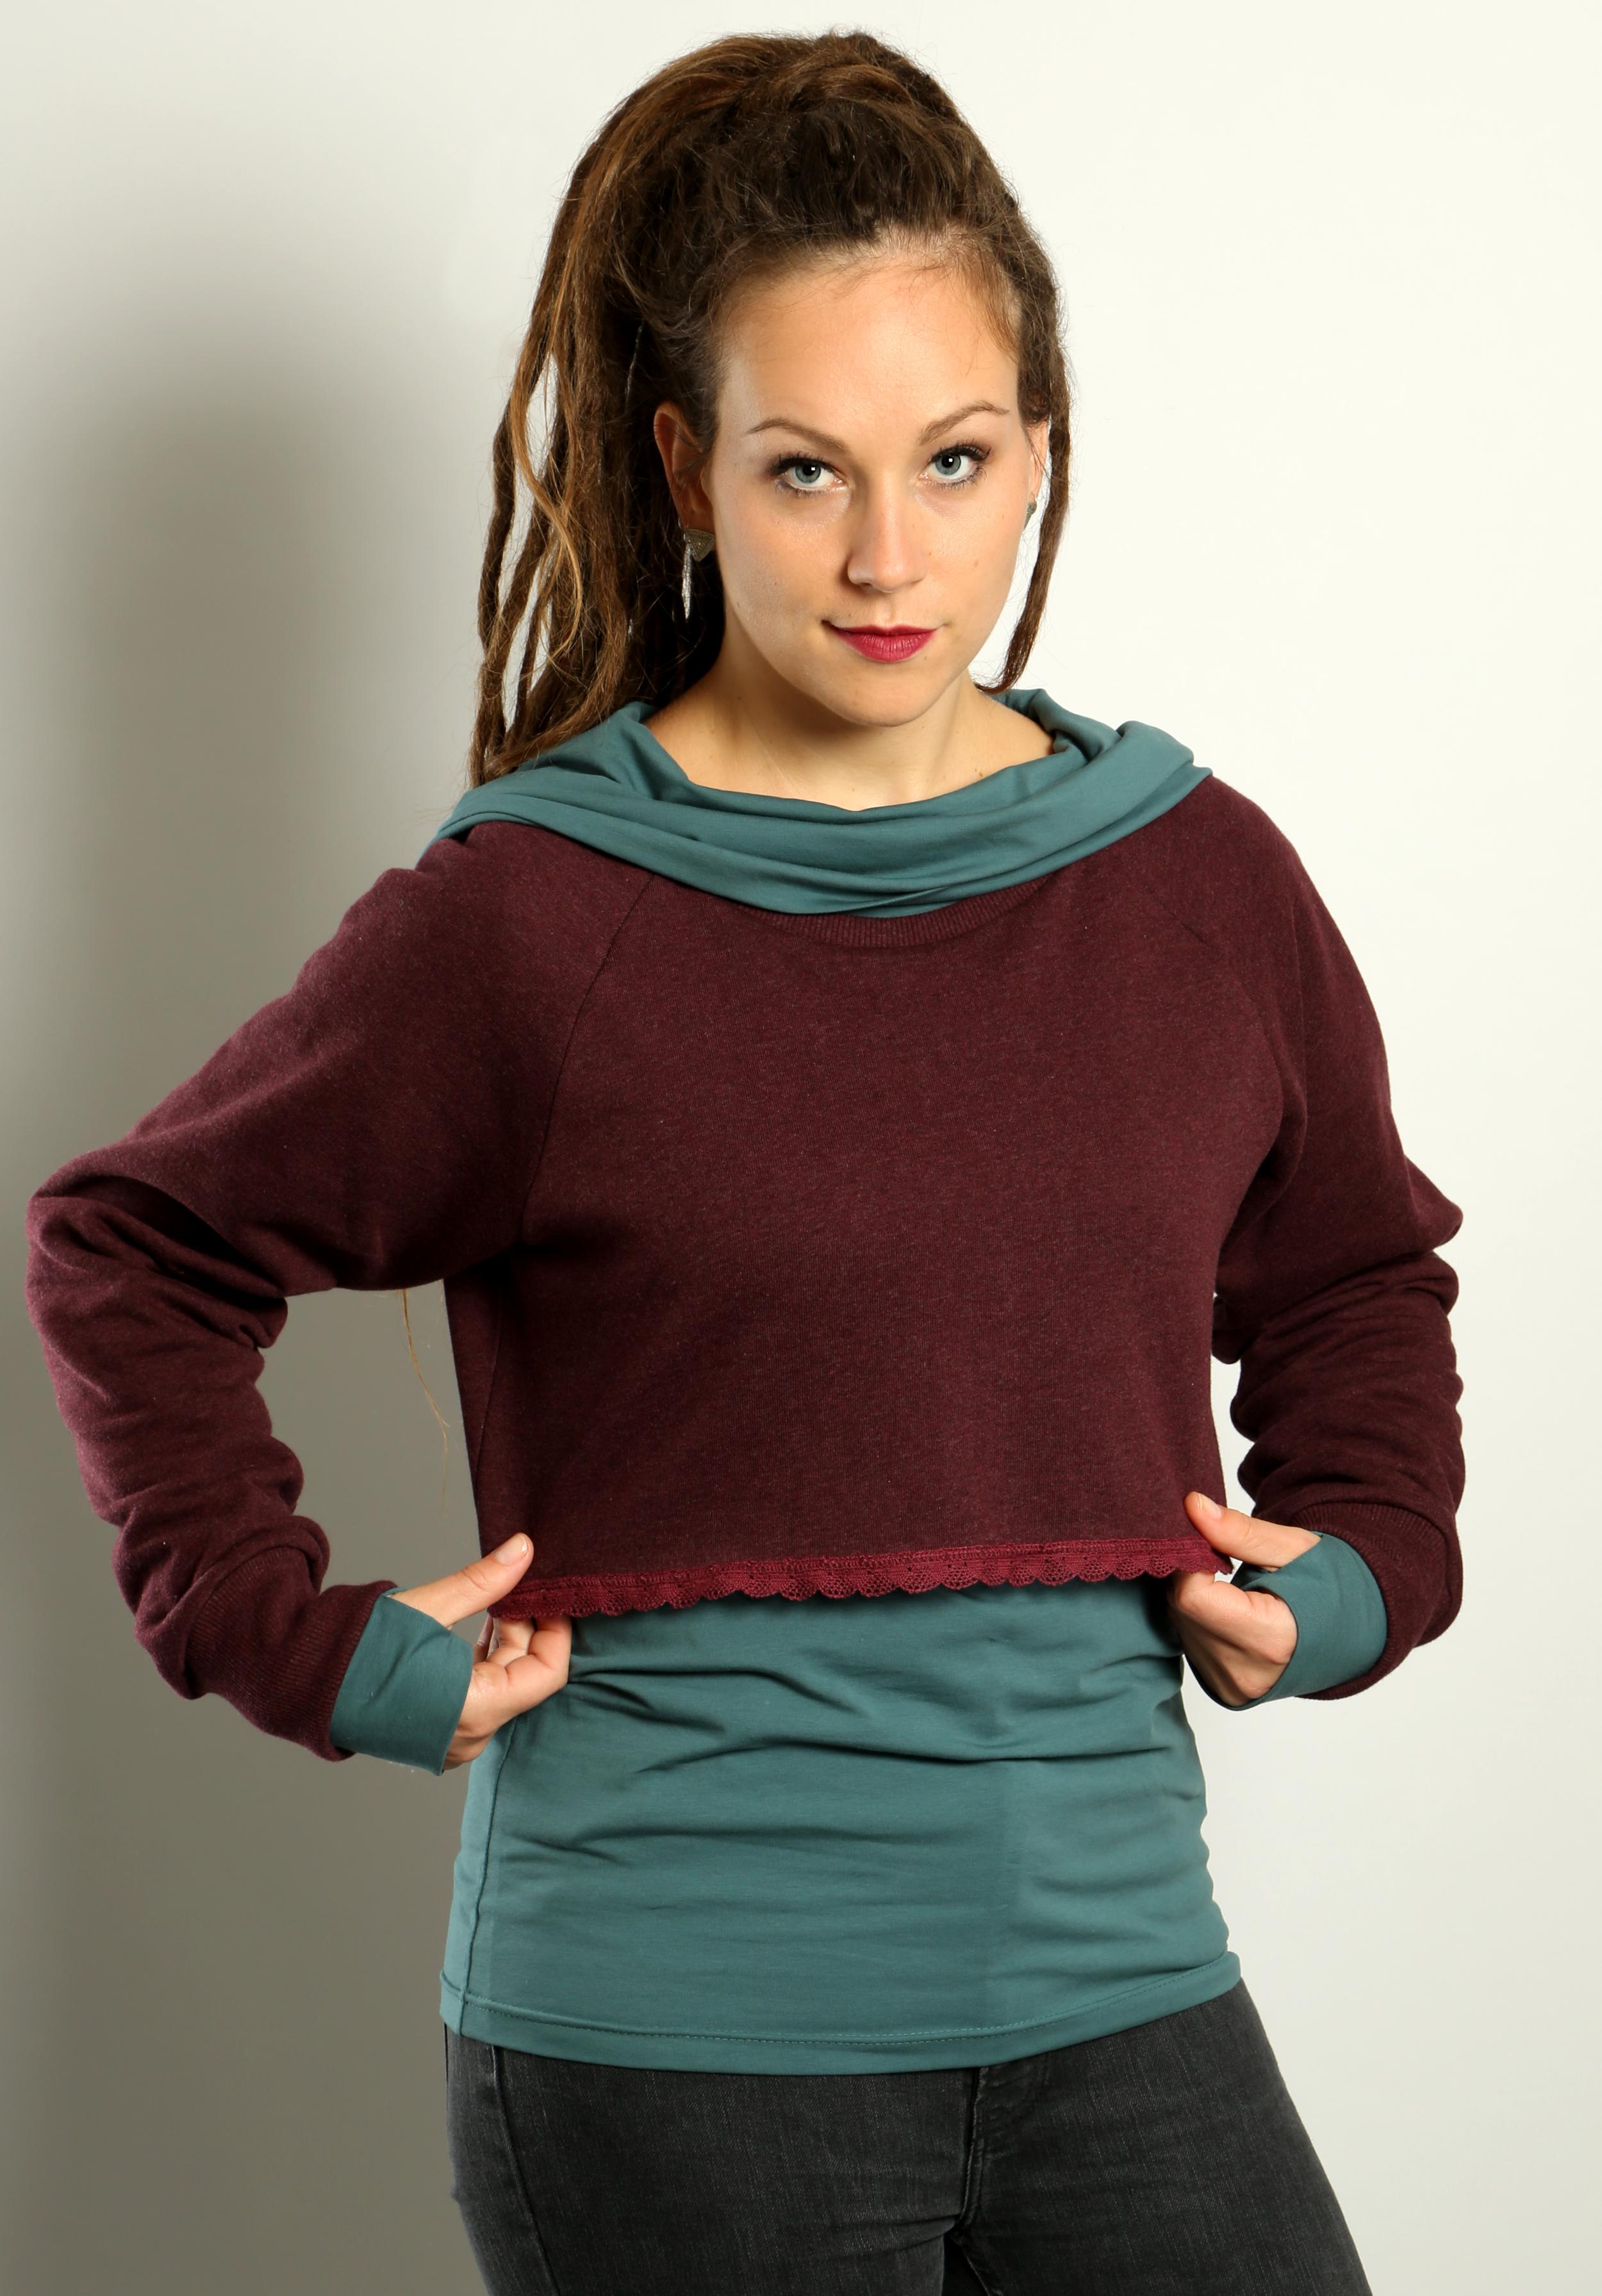 Kurzsweater Herbst